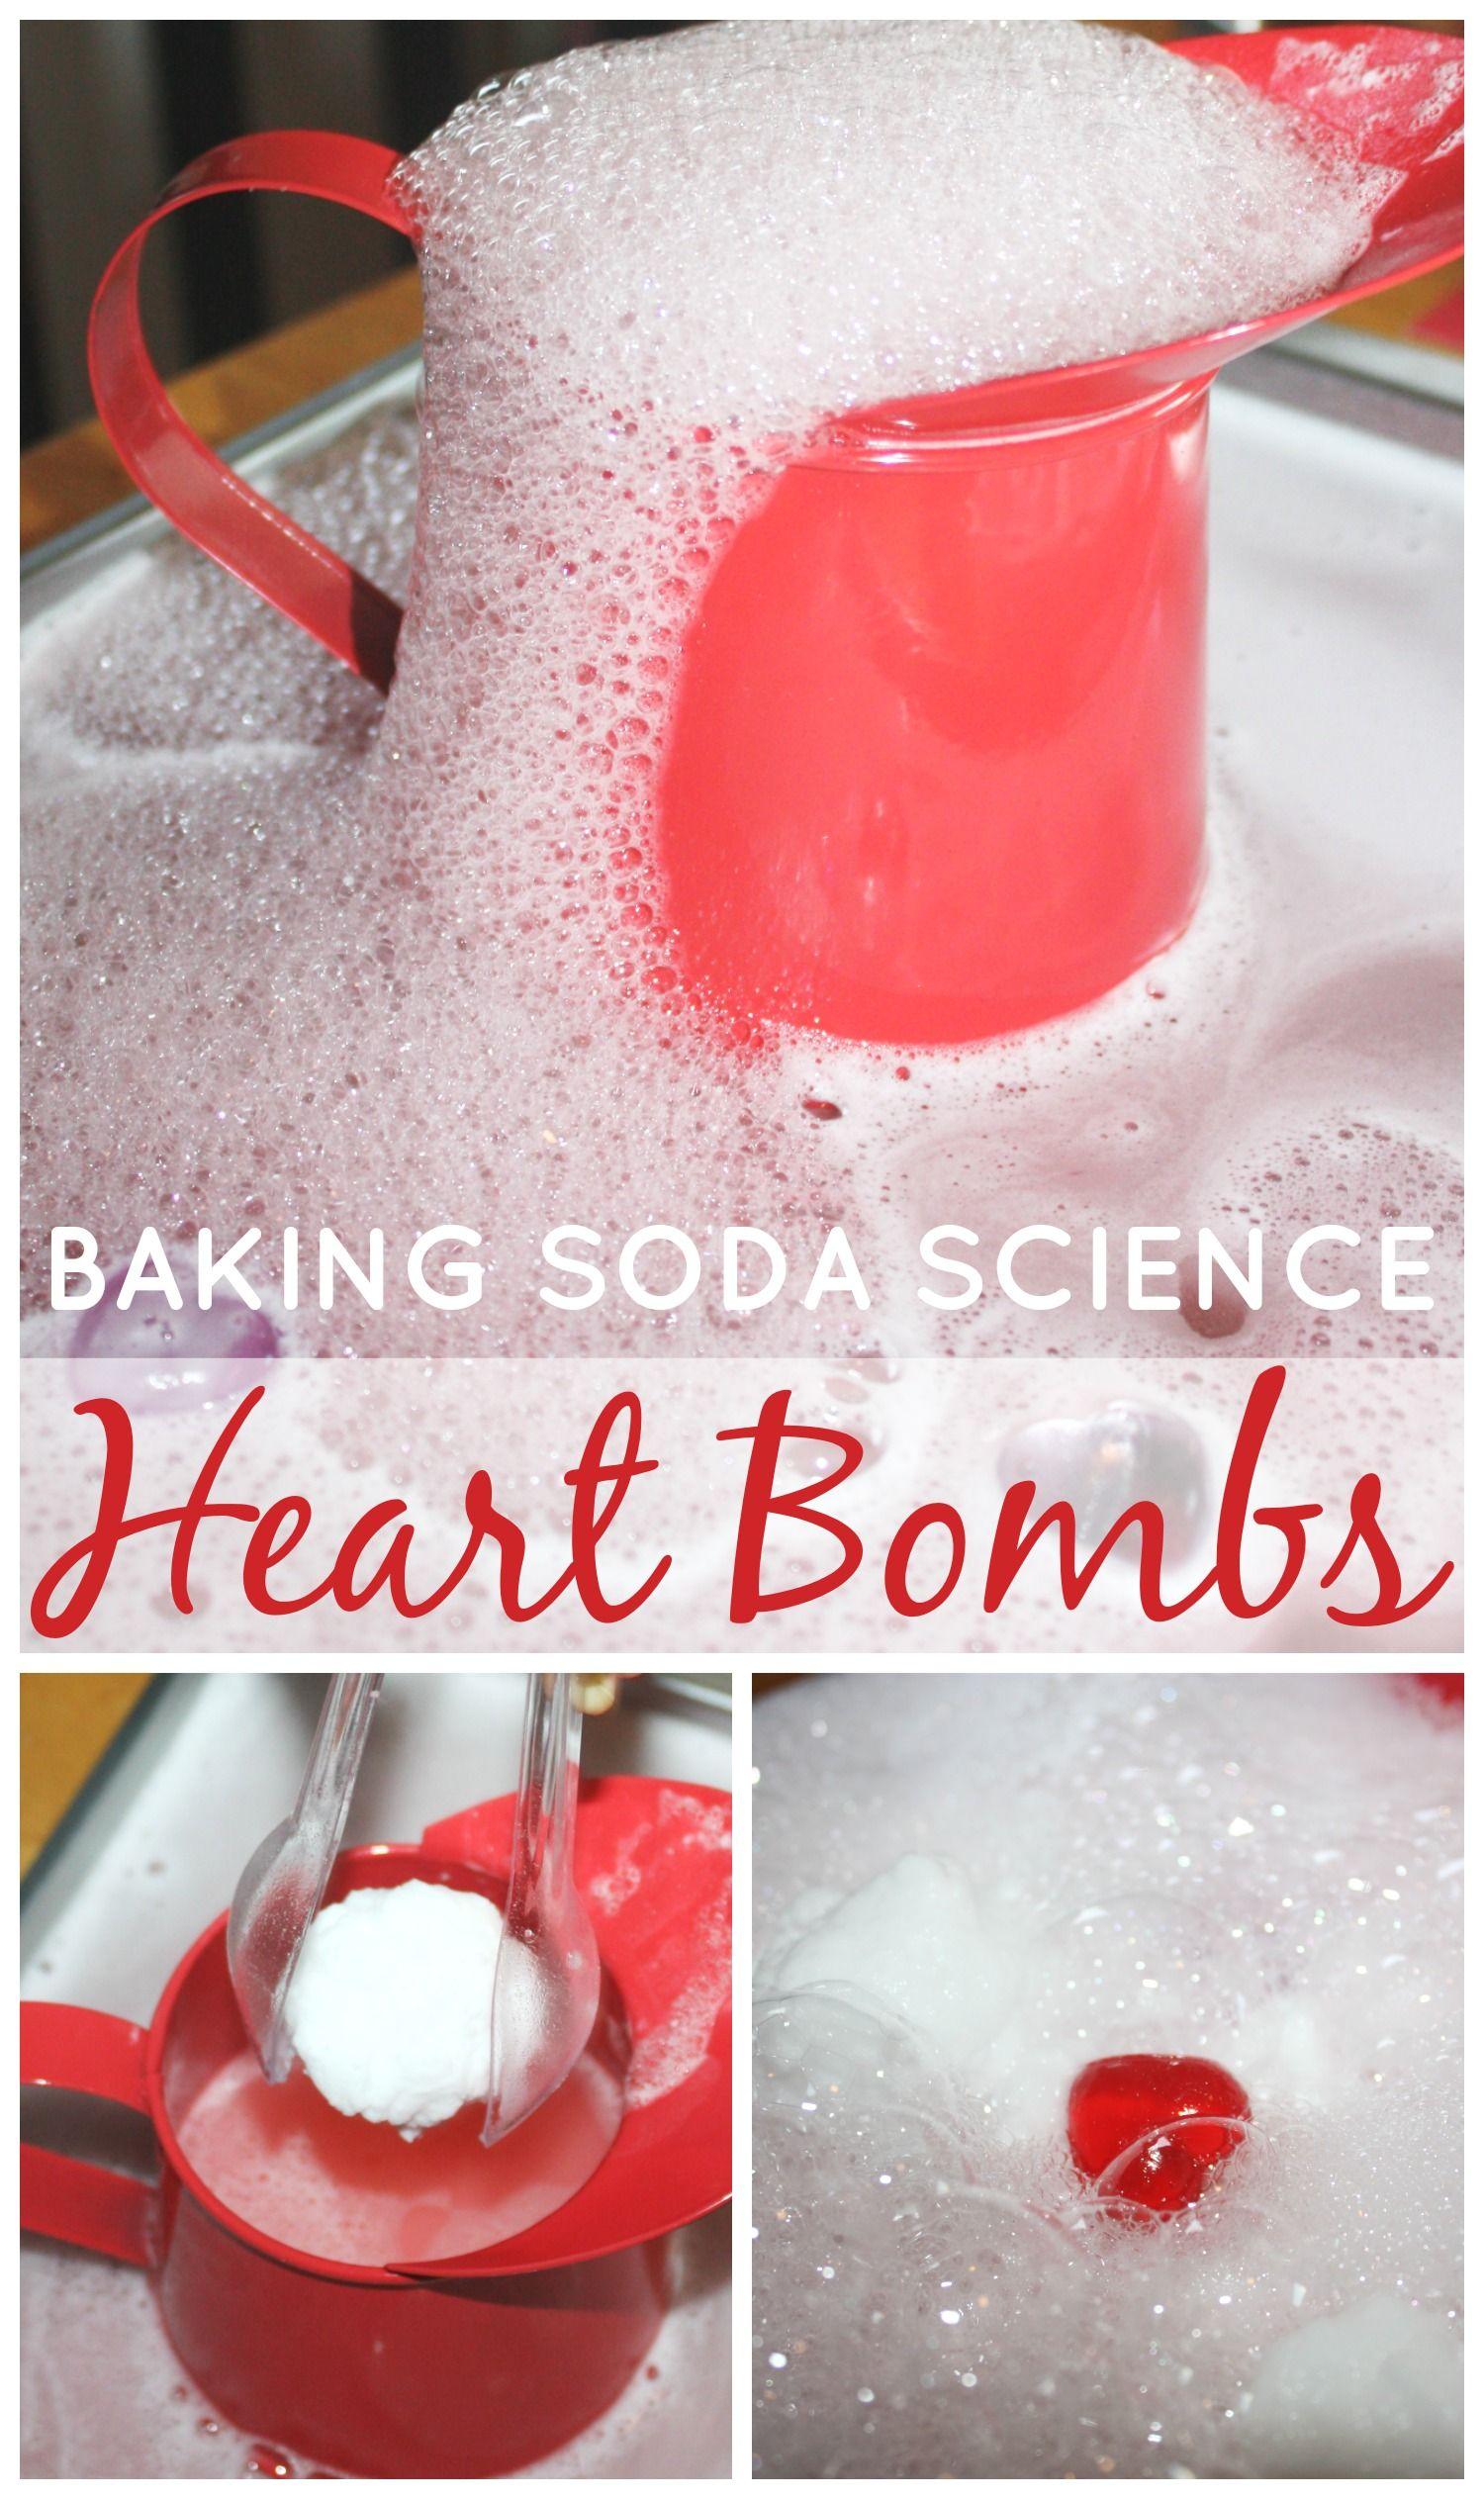 Hearts Baking Soda Science Valentines Activity